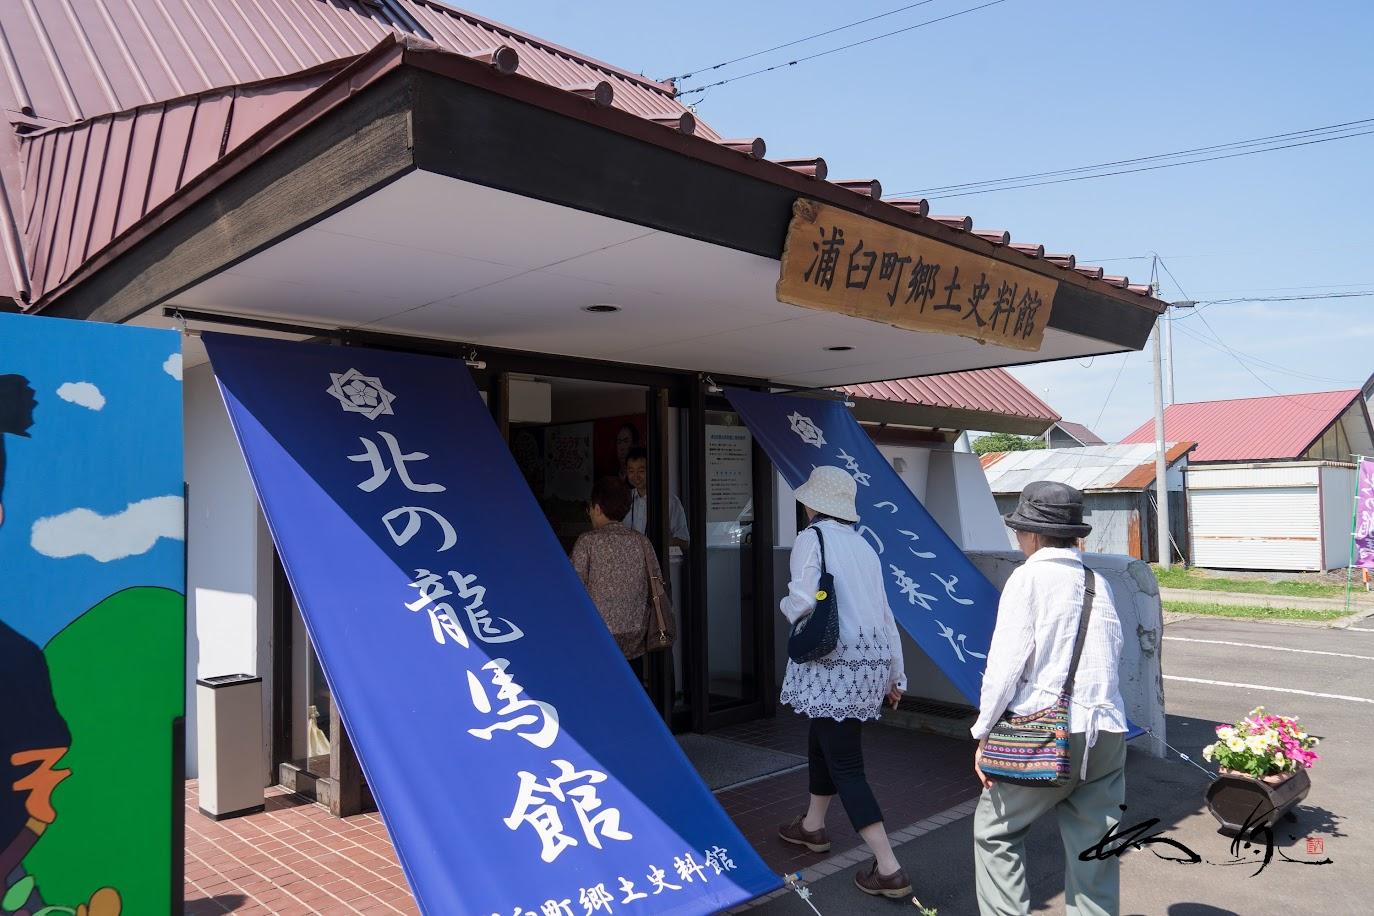 浦臼町郷土史料館